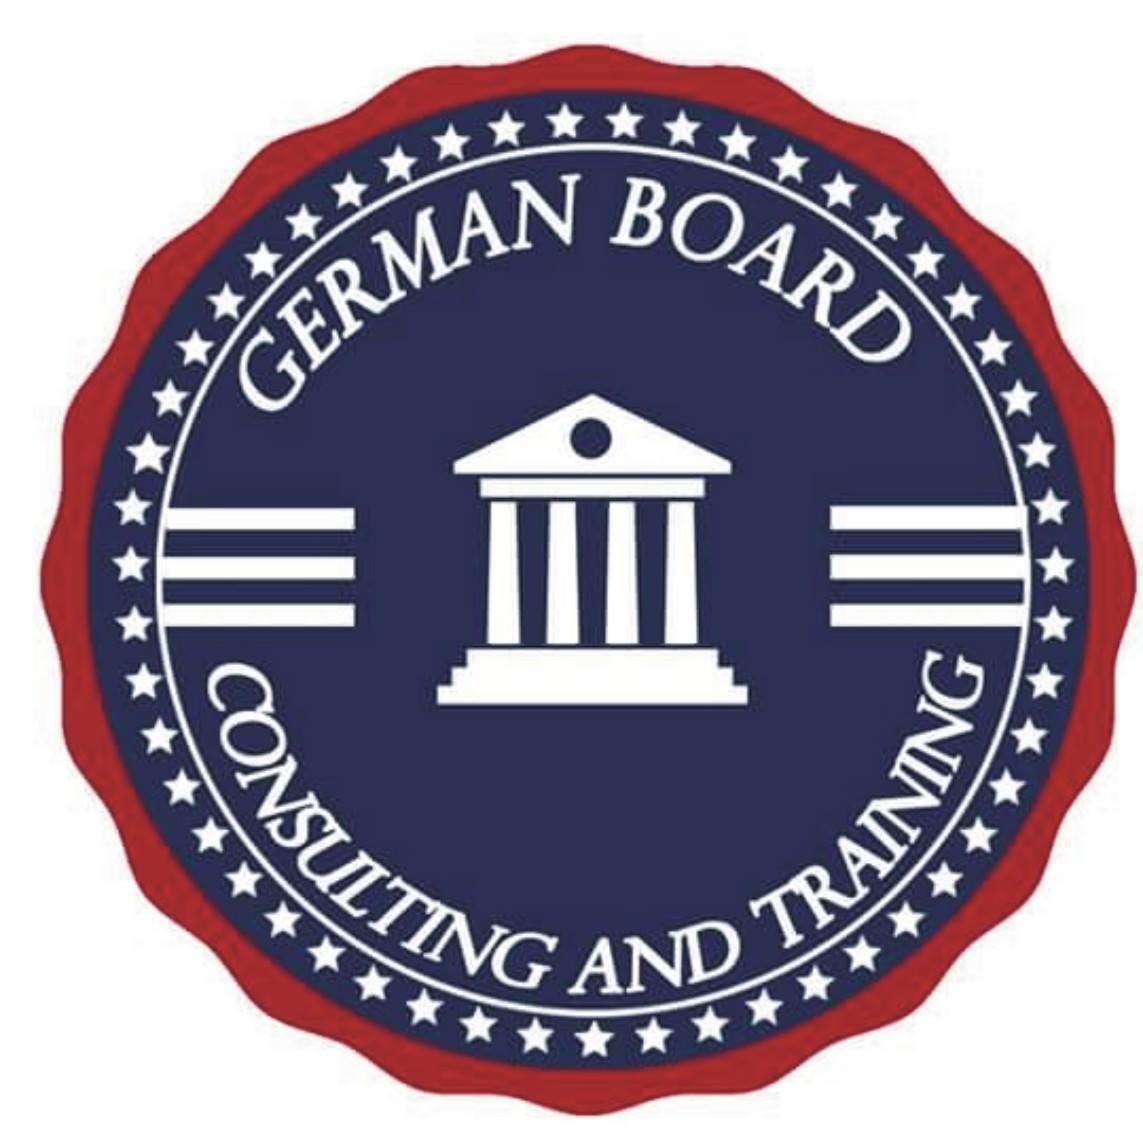 البورد الألماني للتدريب والاستشارات بسوريا